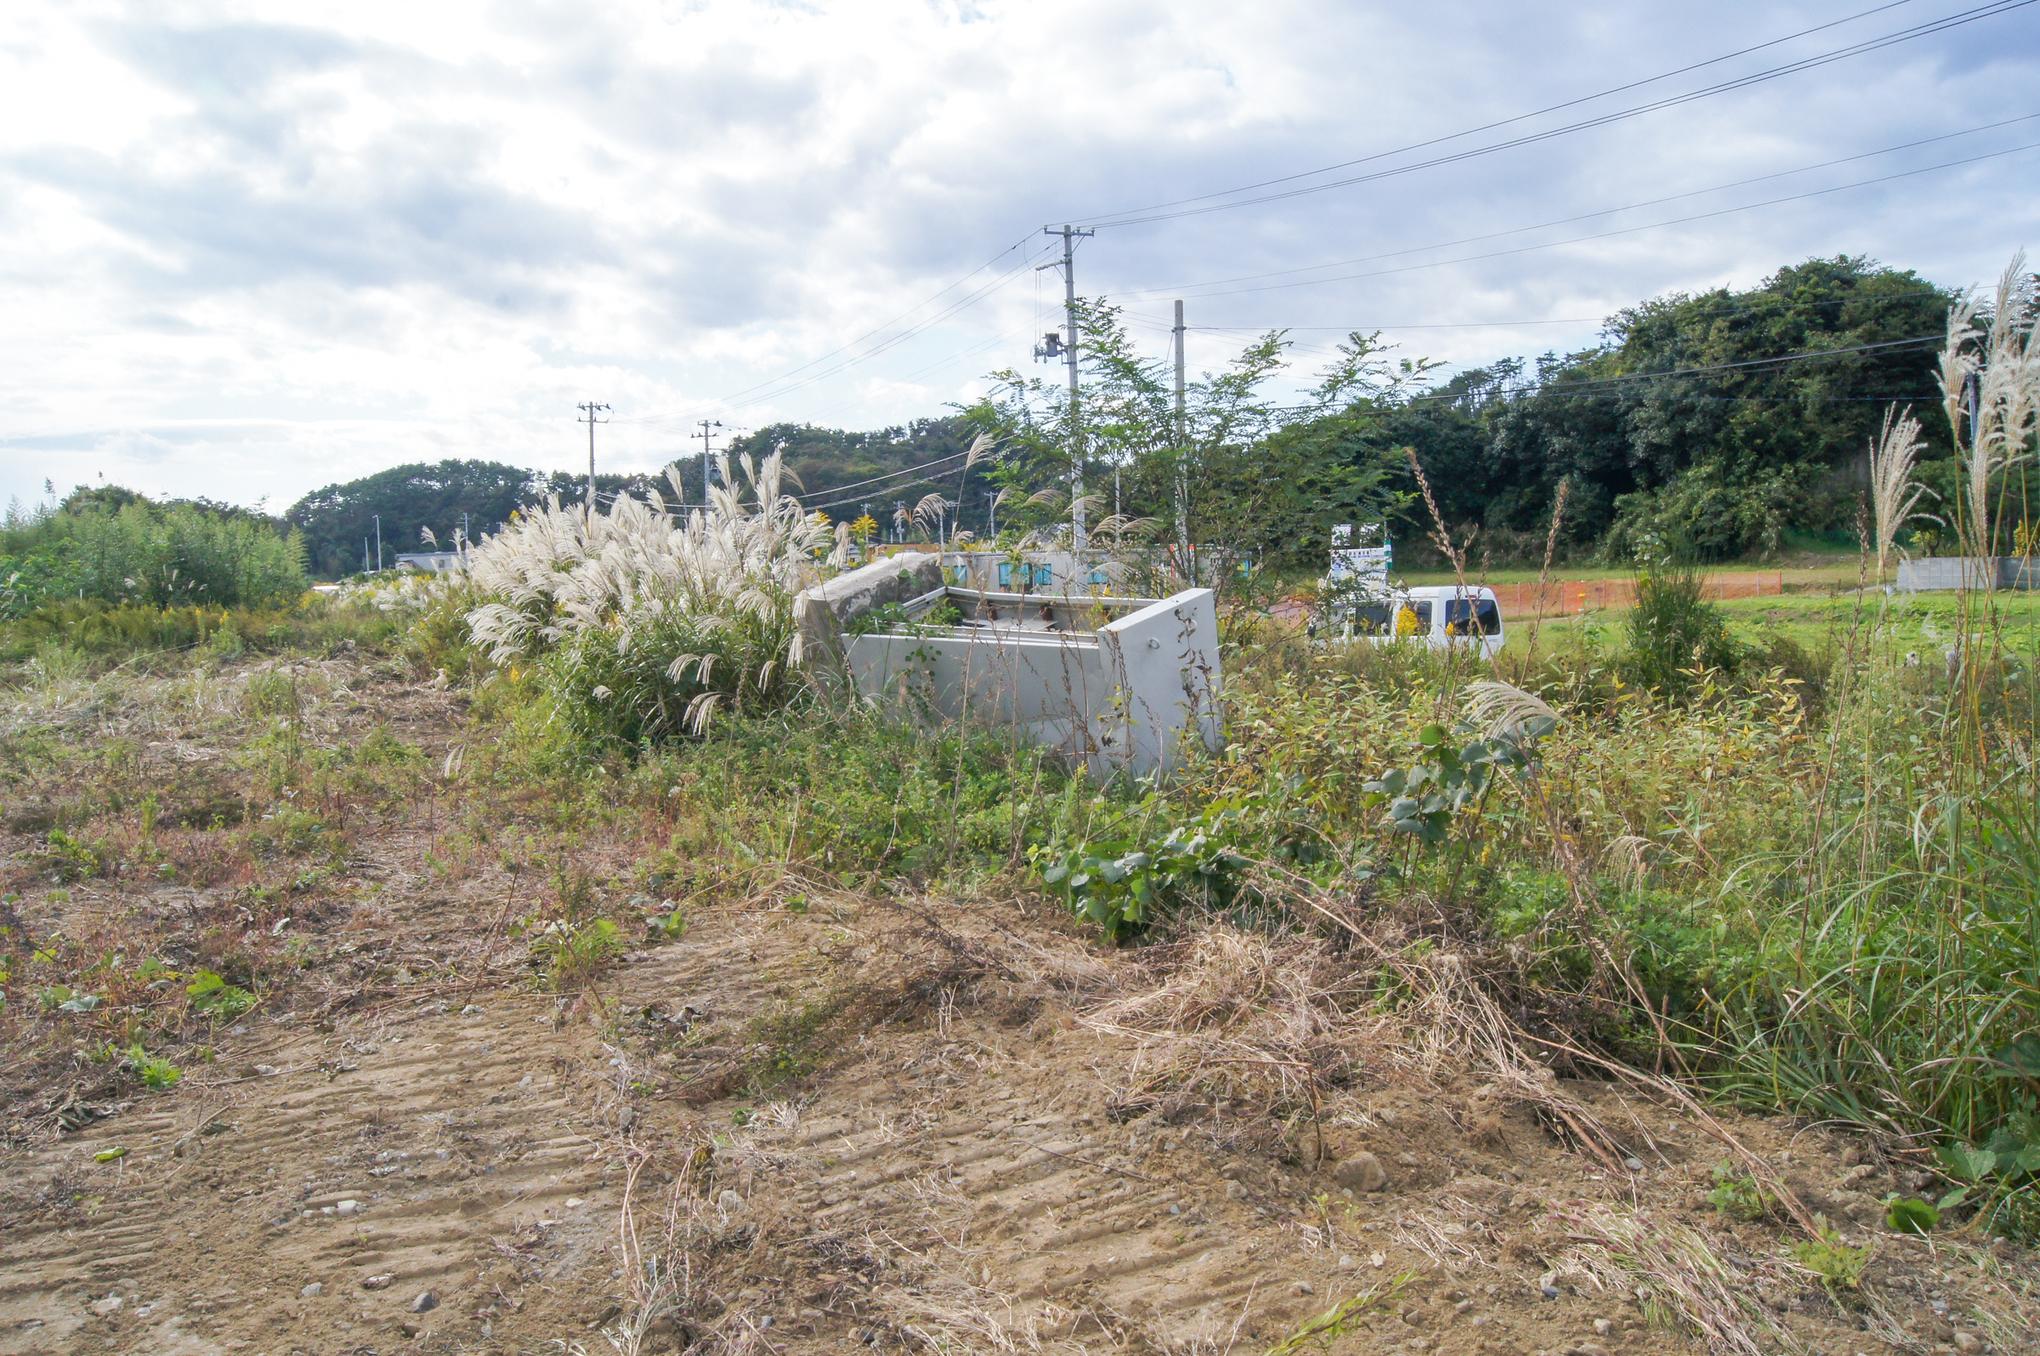 f:id:akichiniiko:20200607210410j:plain